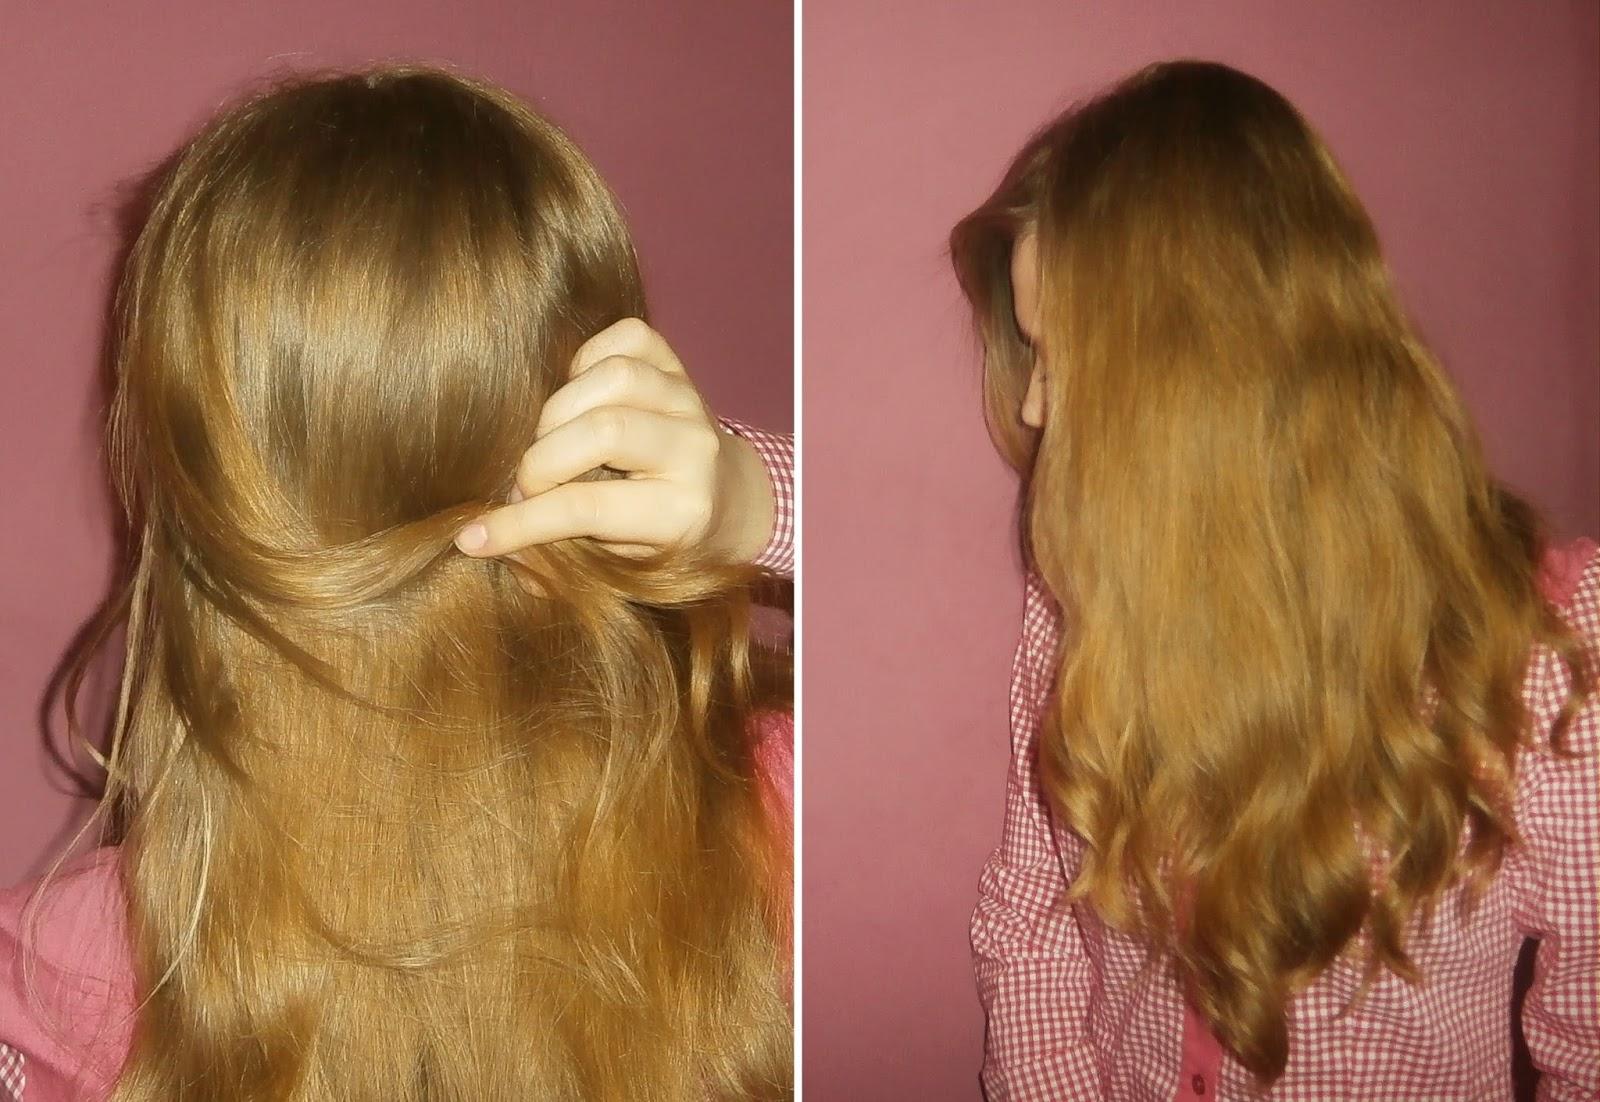 Włosowa aktualizacja (kilka odsłon) + jak się miewa moje włosomaniactwo?